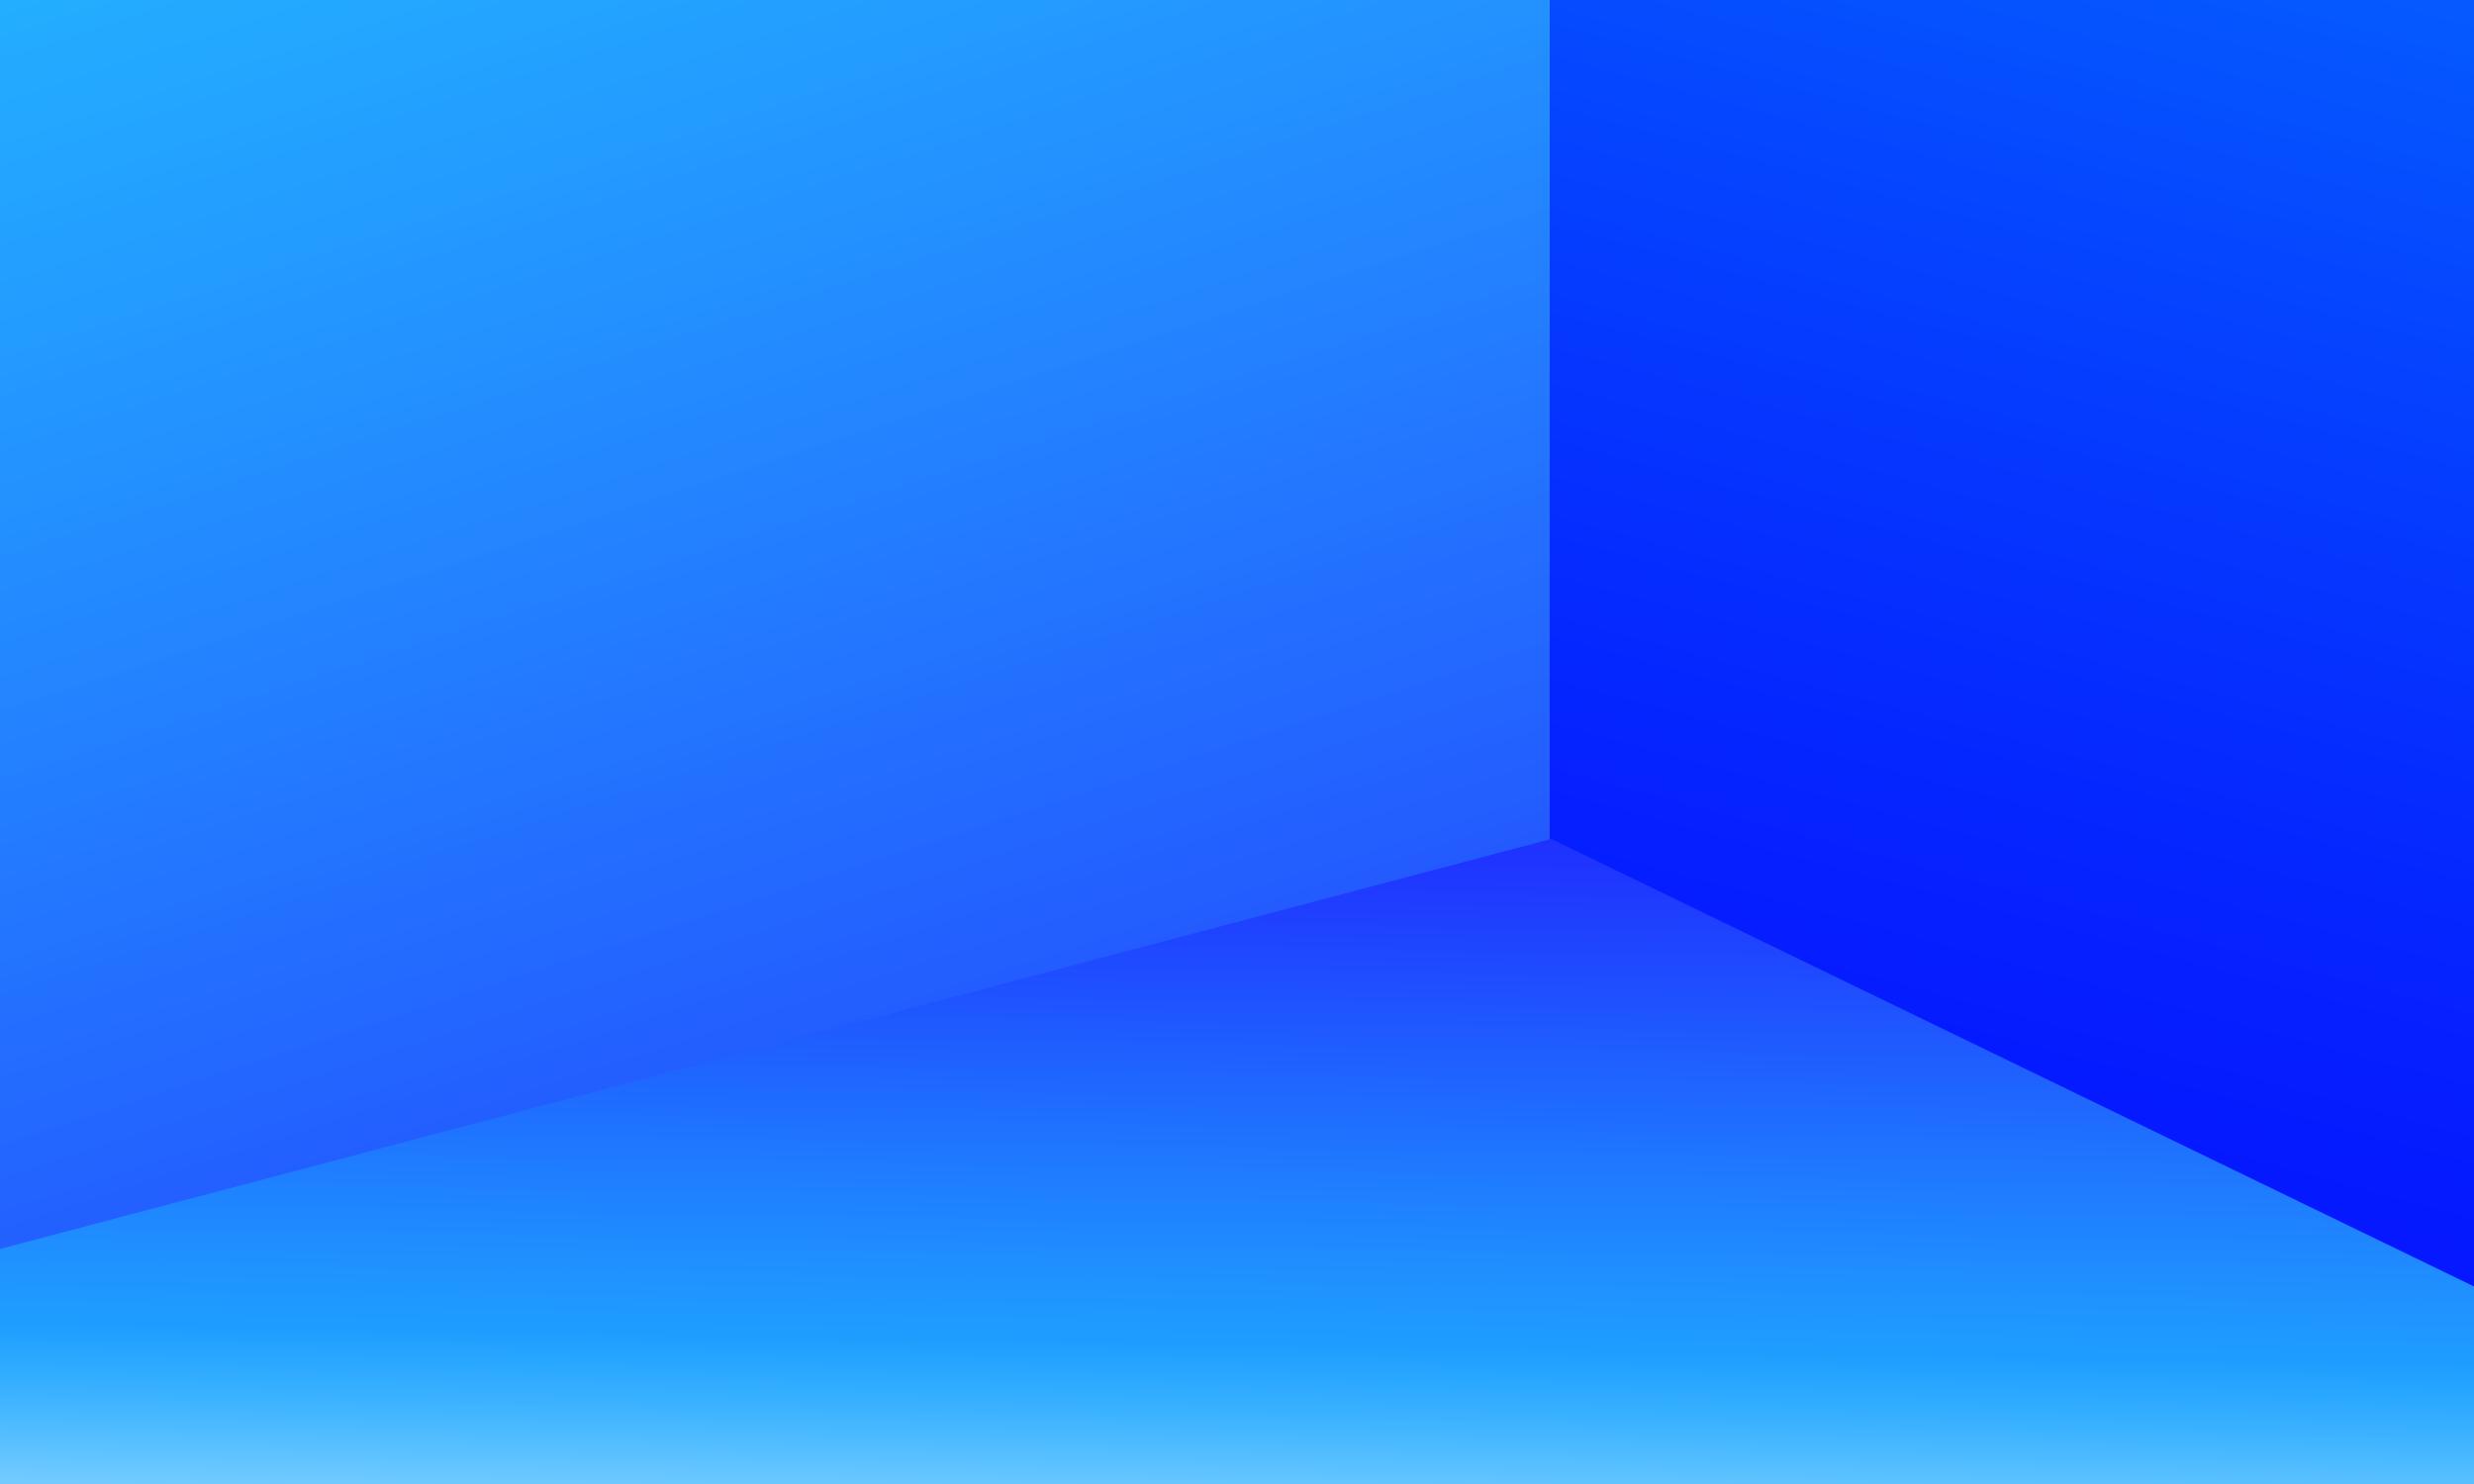 blue-room-bg.png